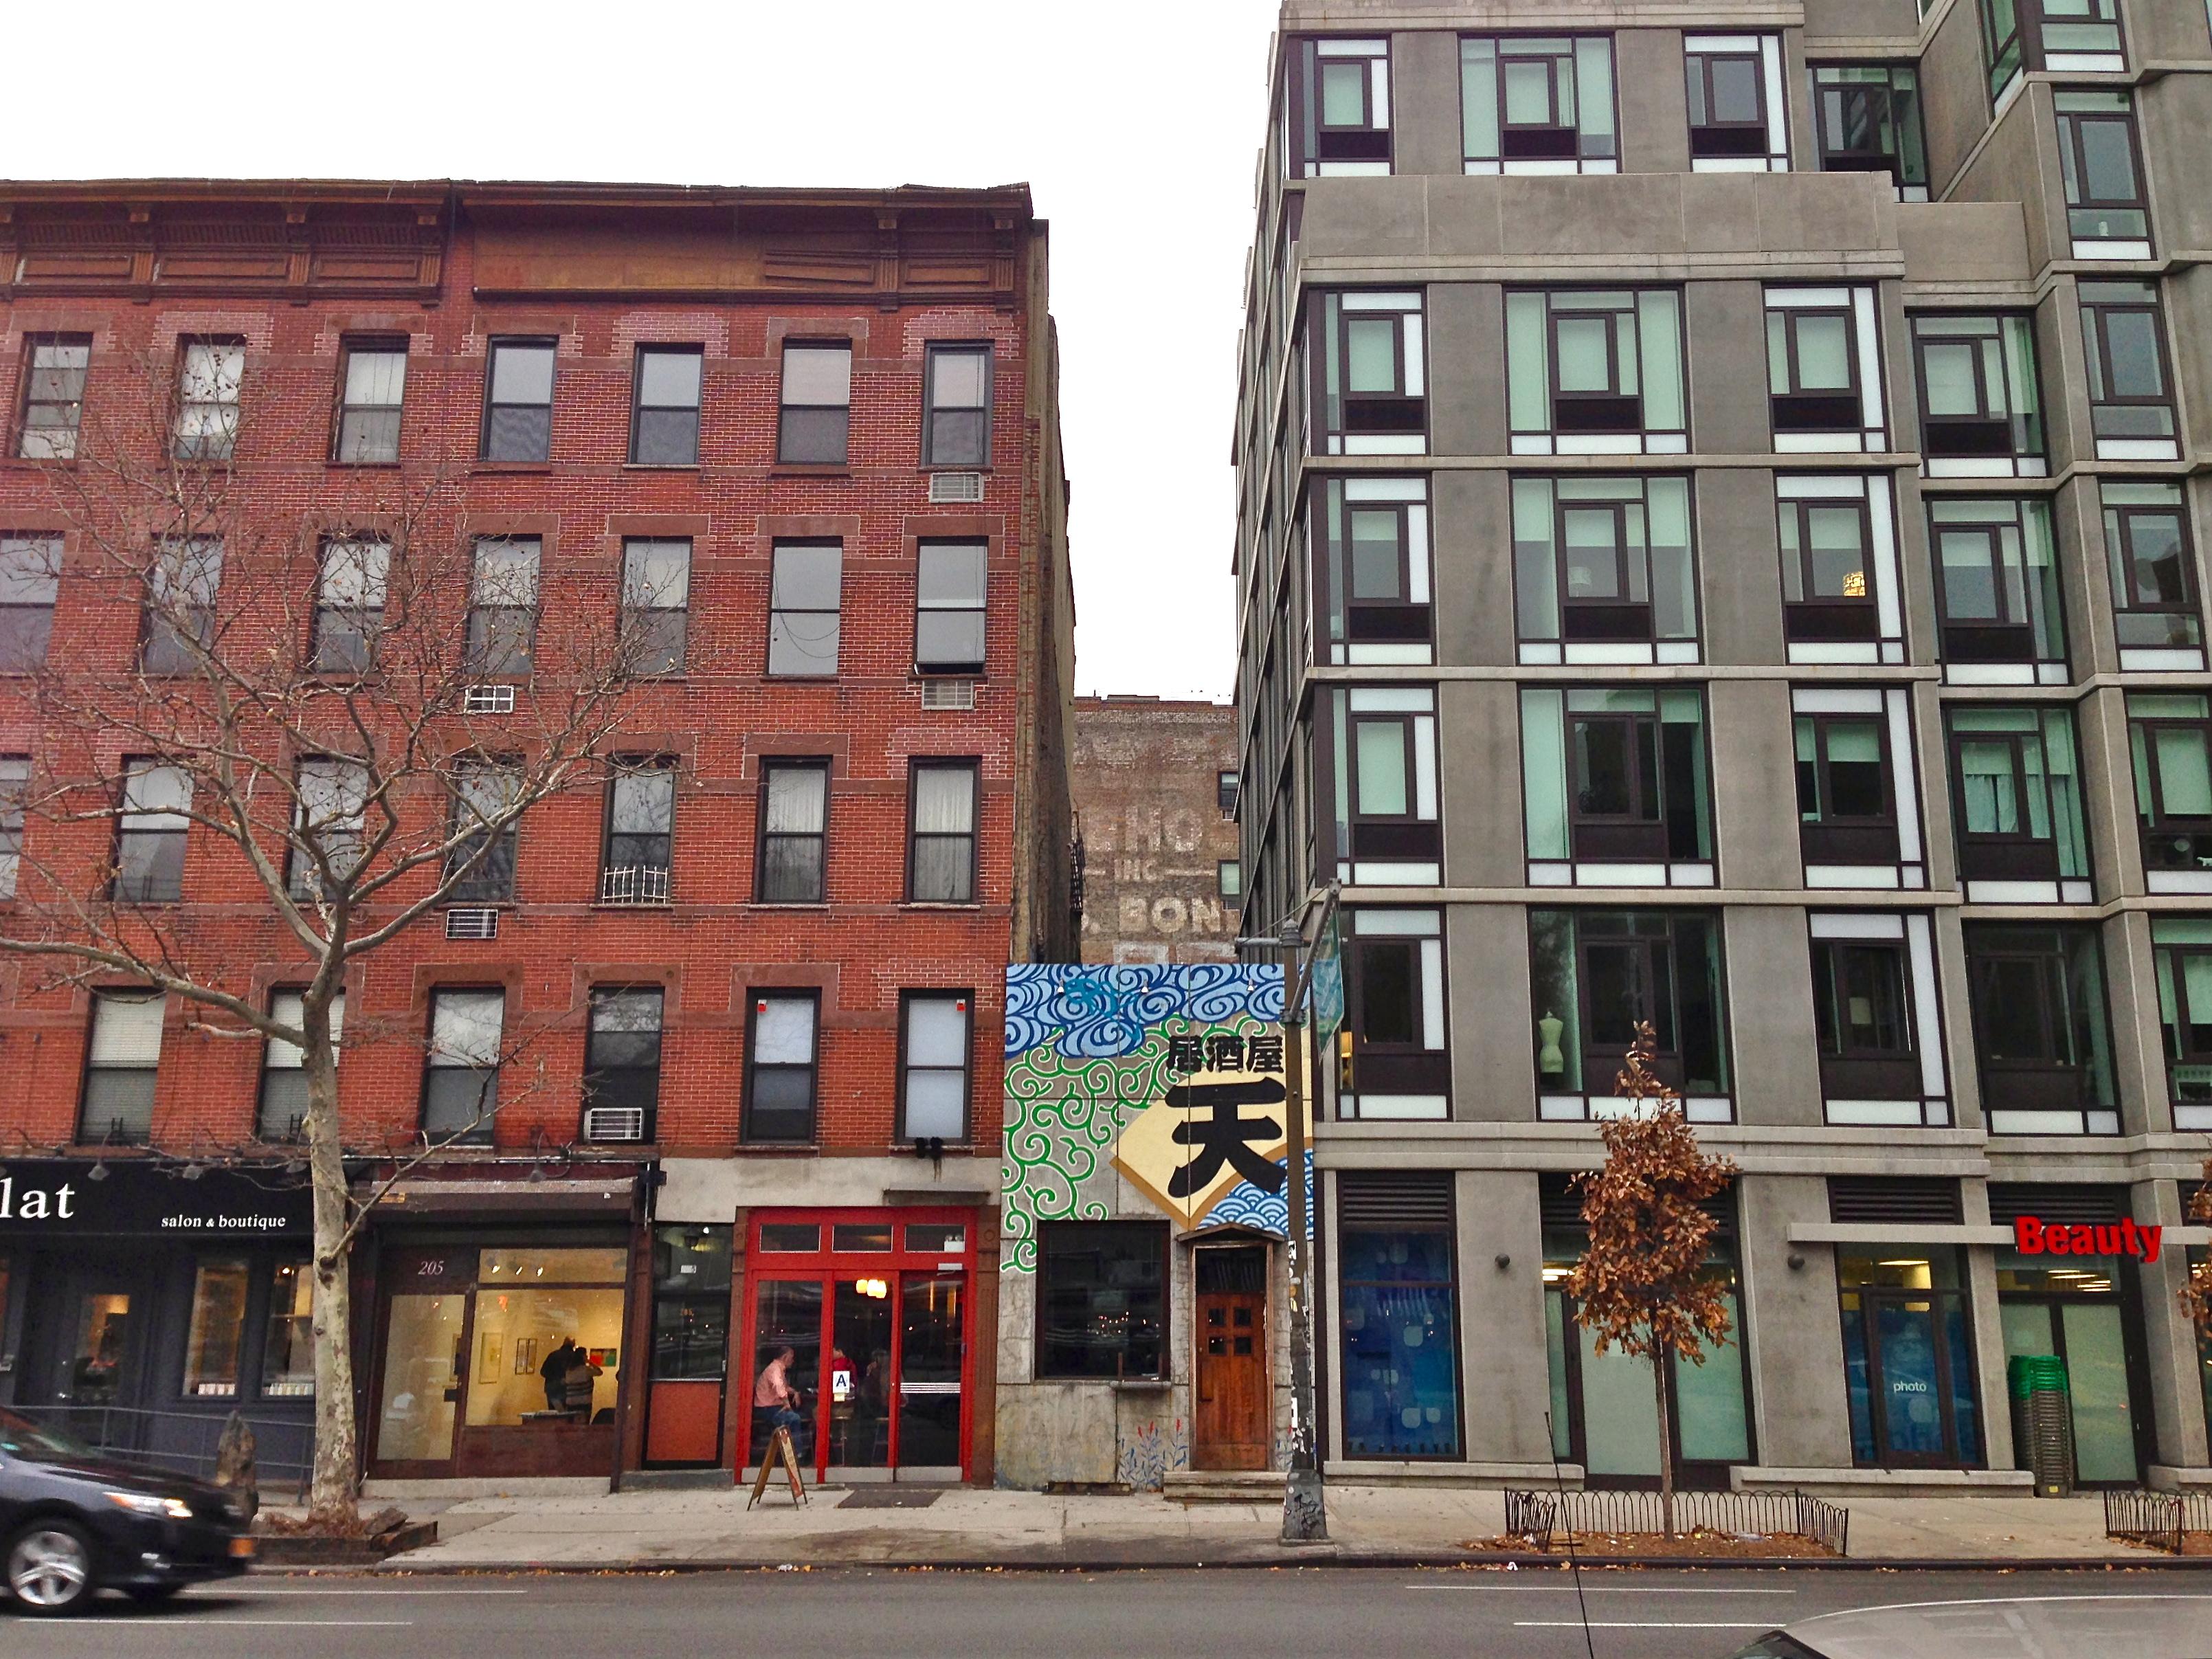 new york city holdout buildings ephemeral new york